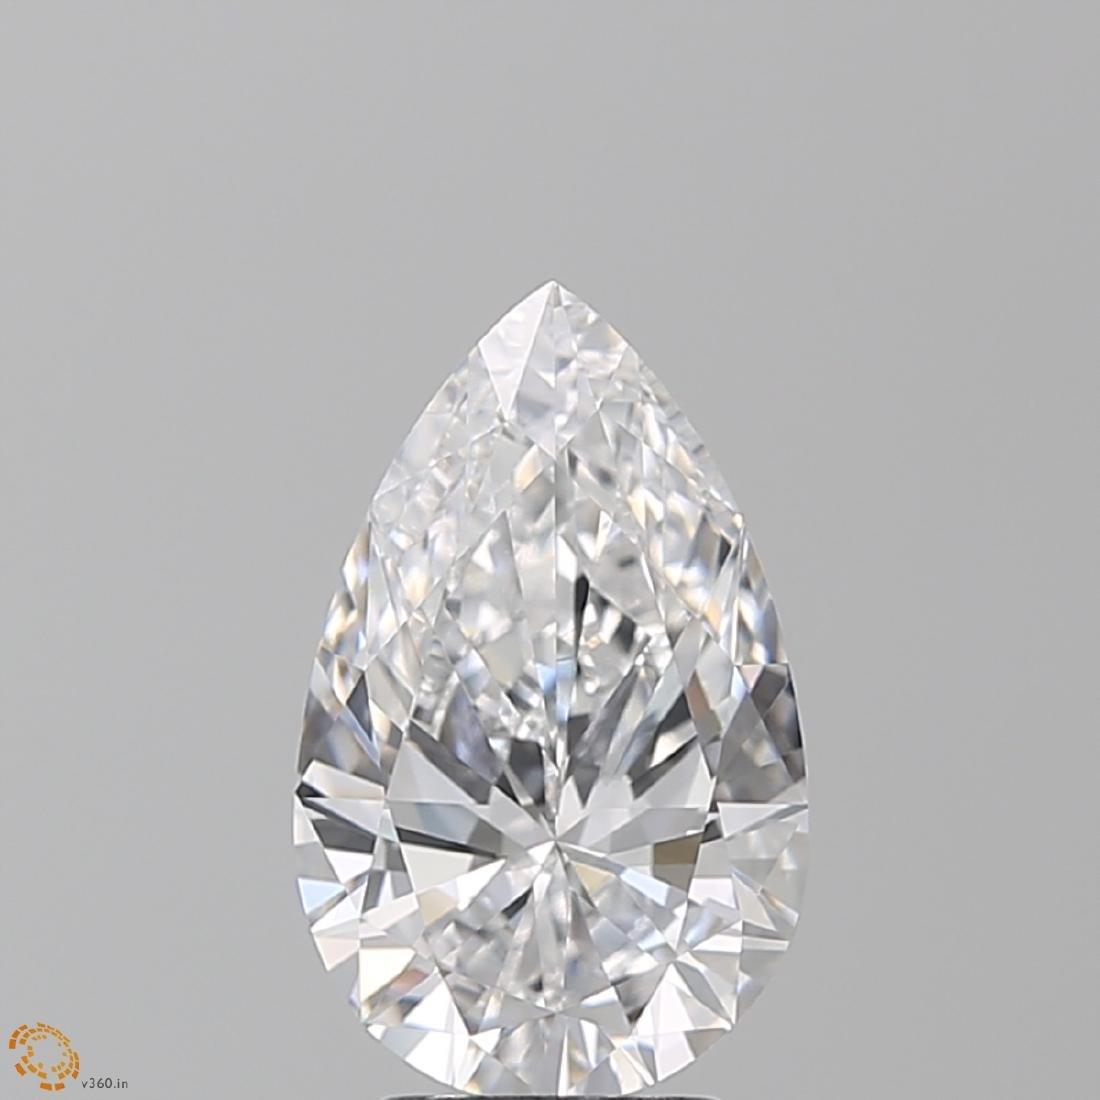 3.01 ct, Color D/VVS1, Pear cut Diamond - 2